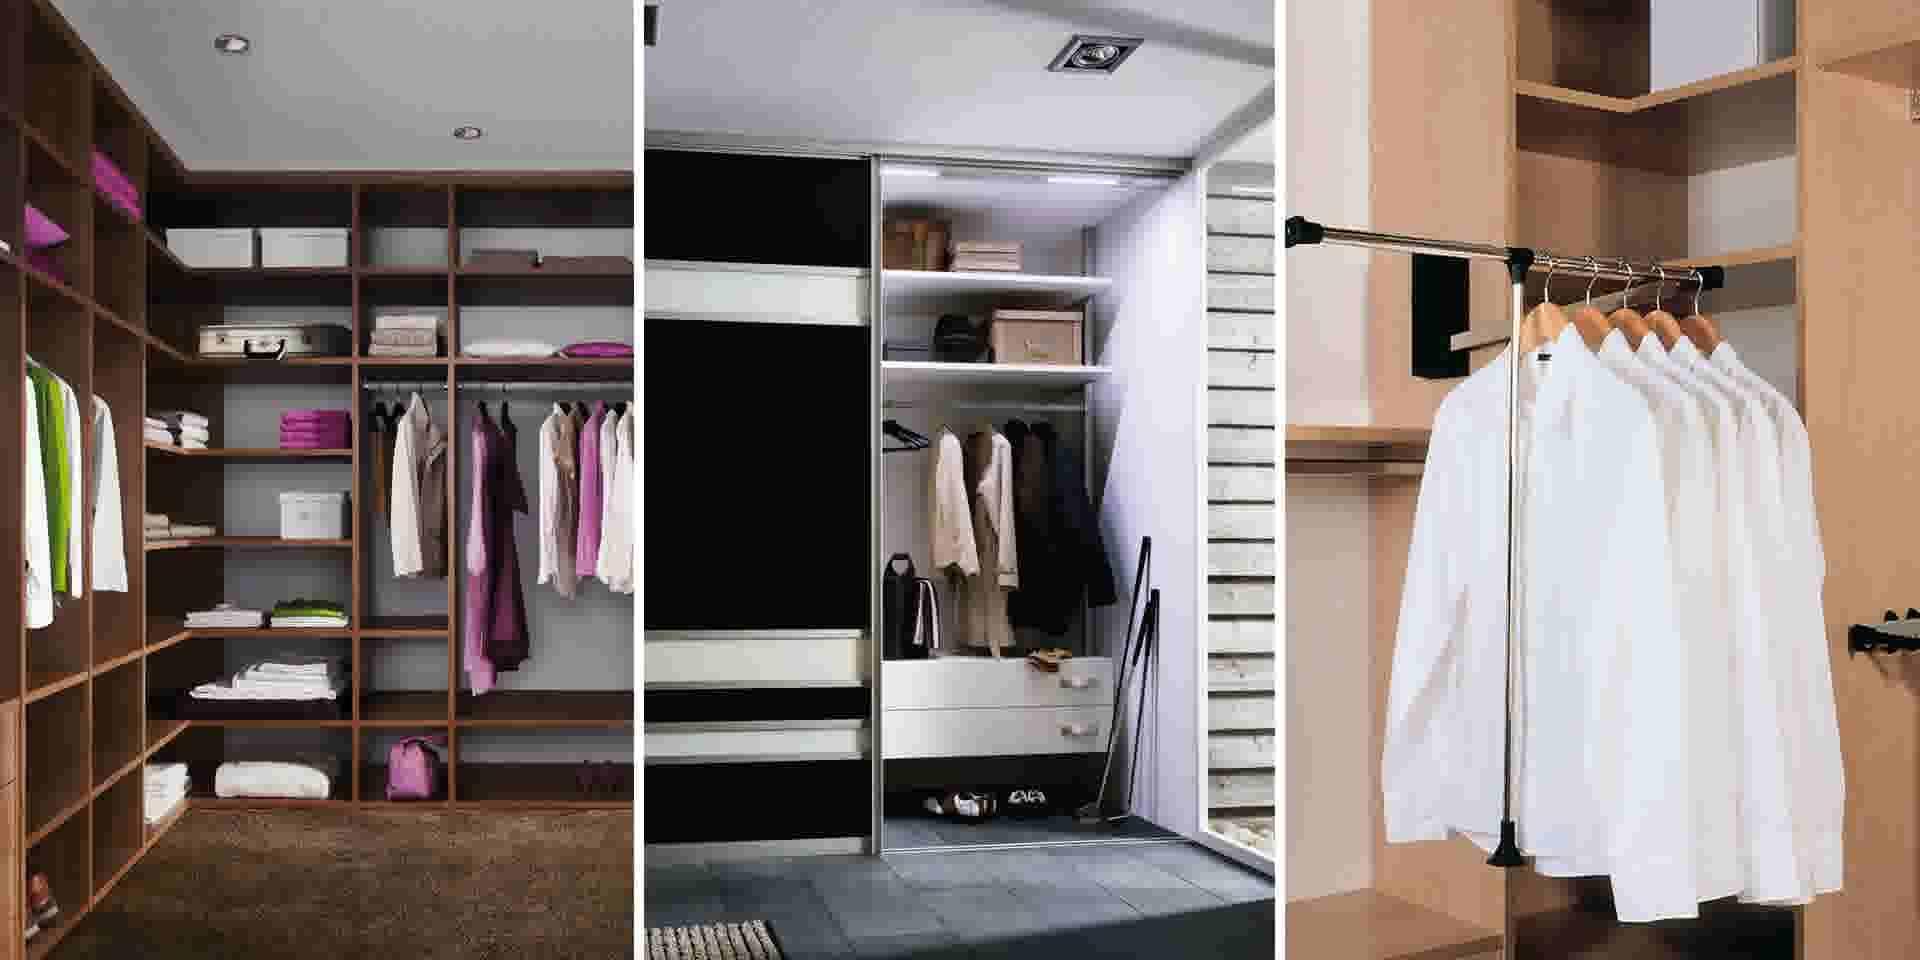 composez votre propre dressing. Black Bedroom Furniture Sets. Home Design Ideas